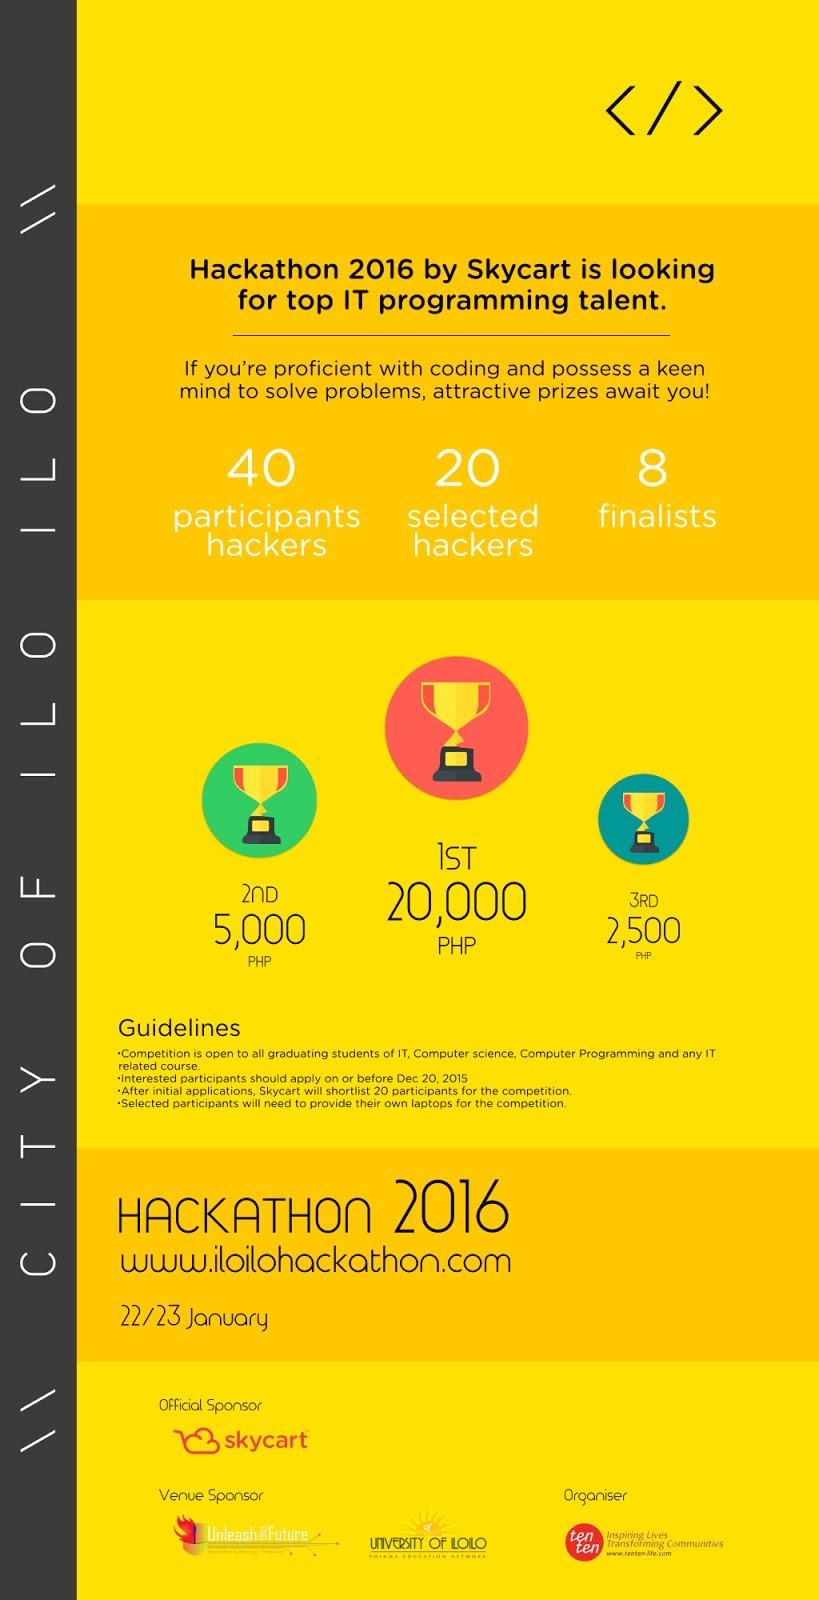 Hackathon 2016 - Iloilo